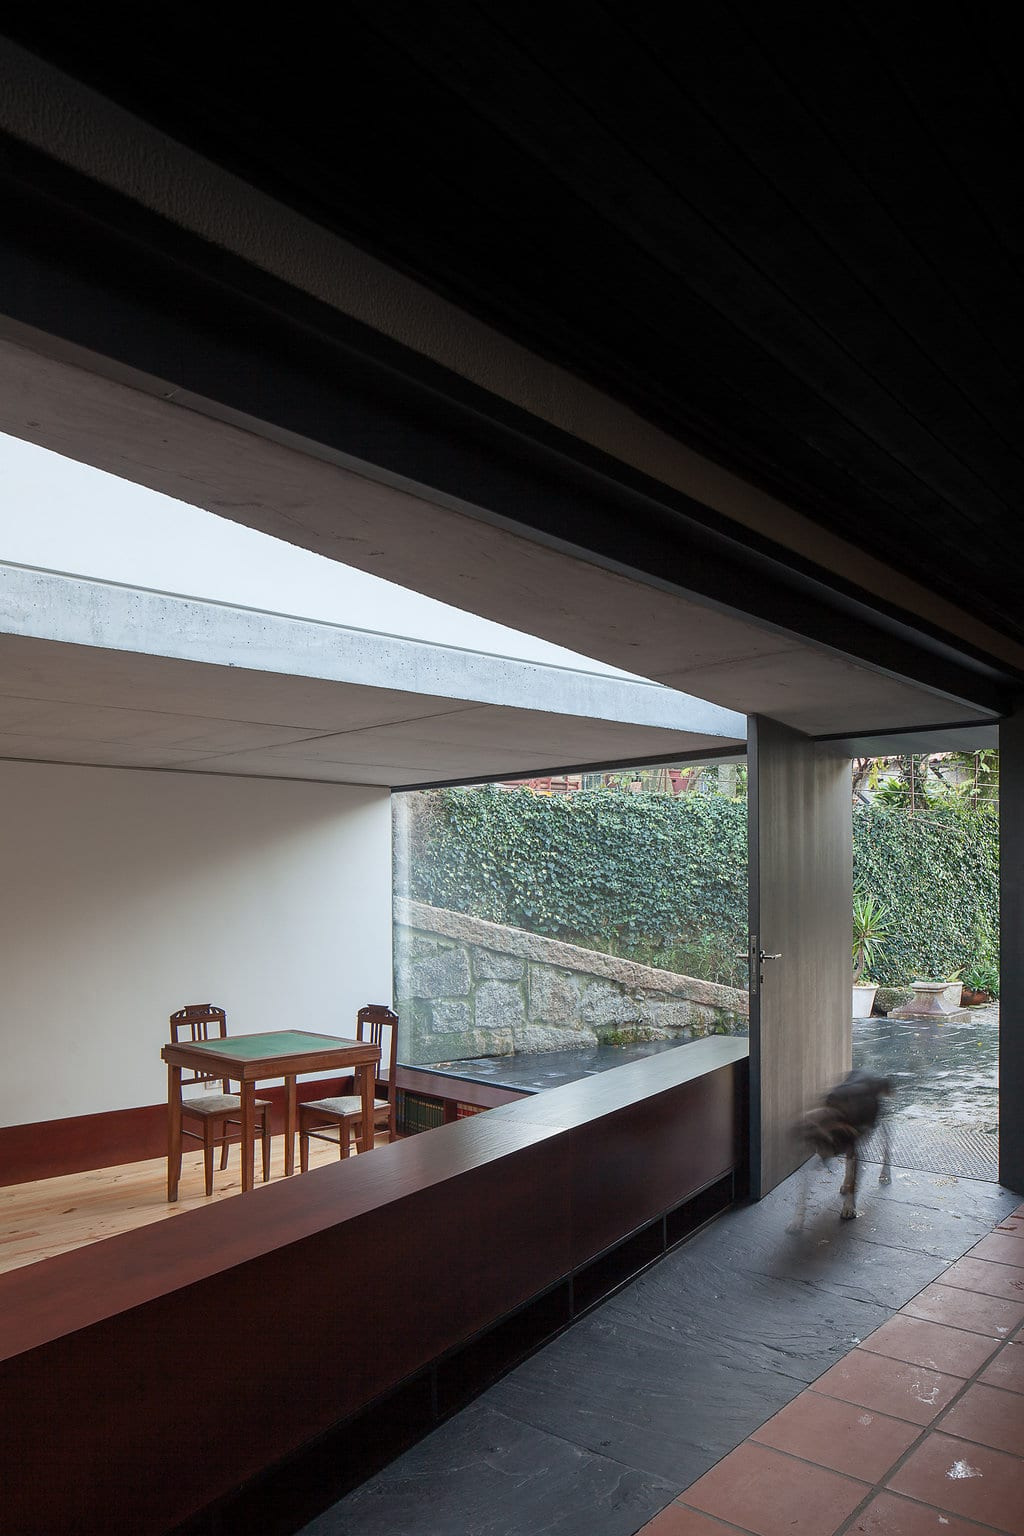 Sala em Pala by Nuno Melo Sousa | Yellowtrace